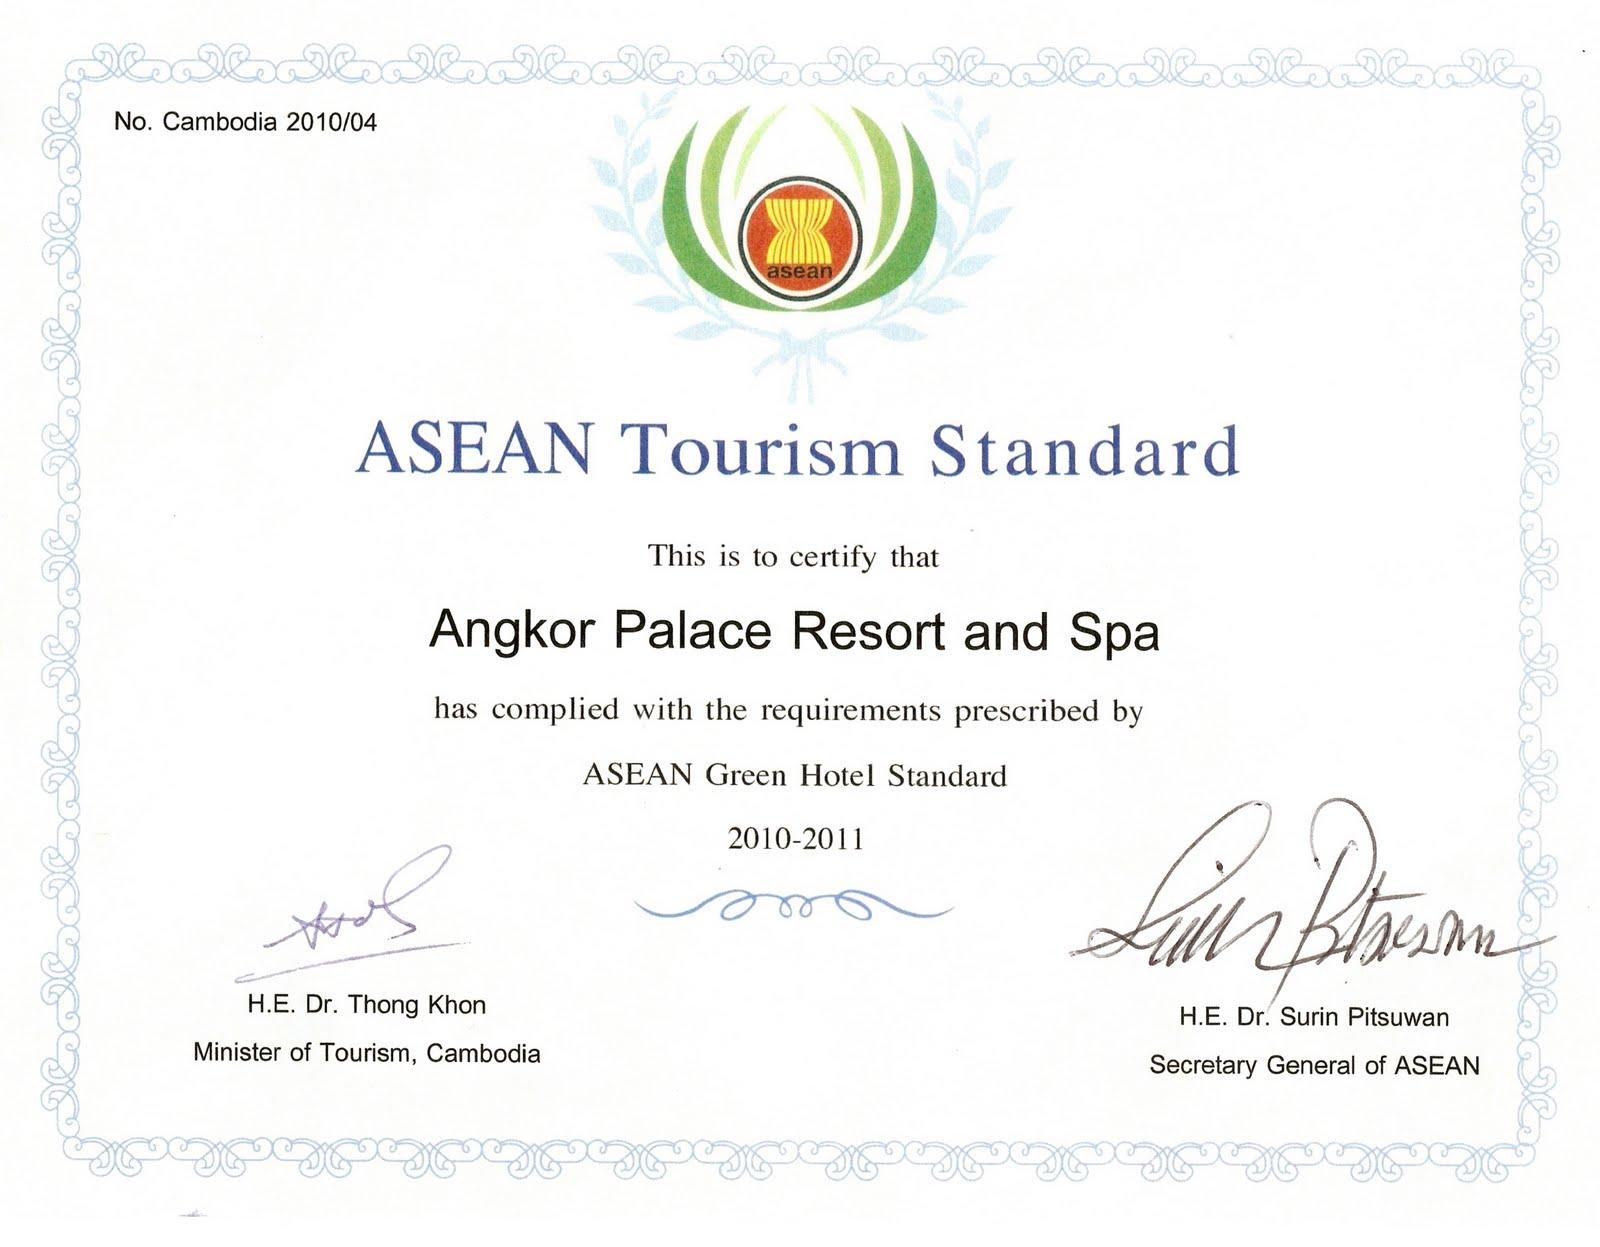 asean green hotel standard award